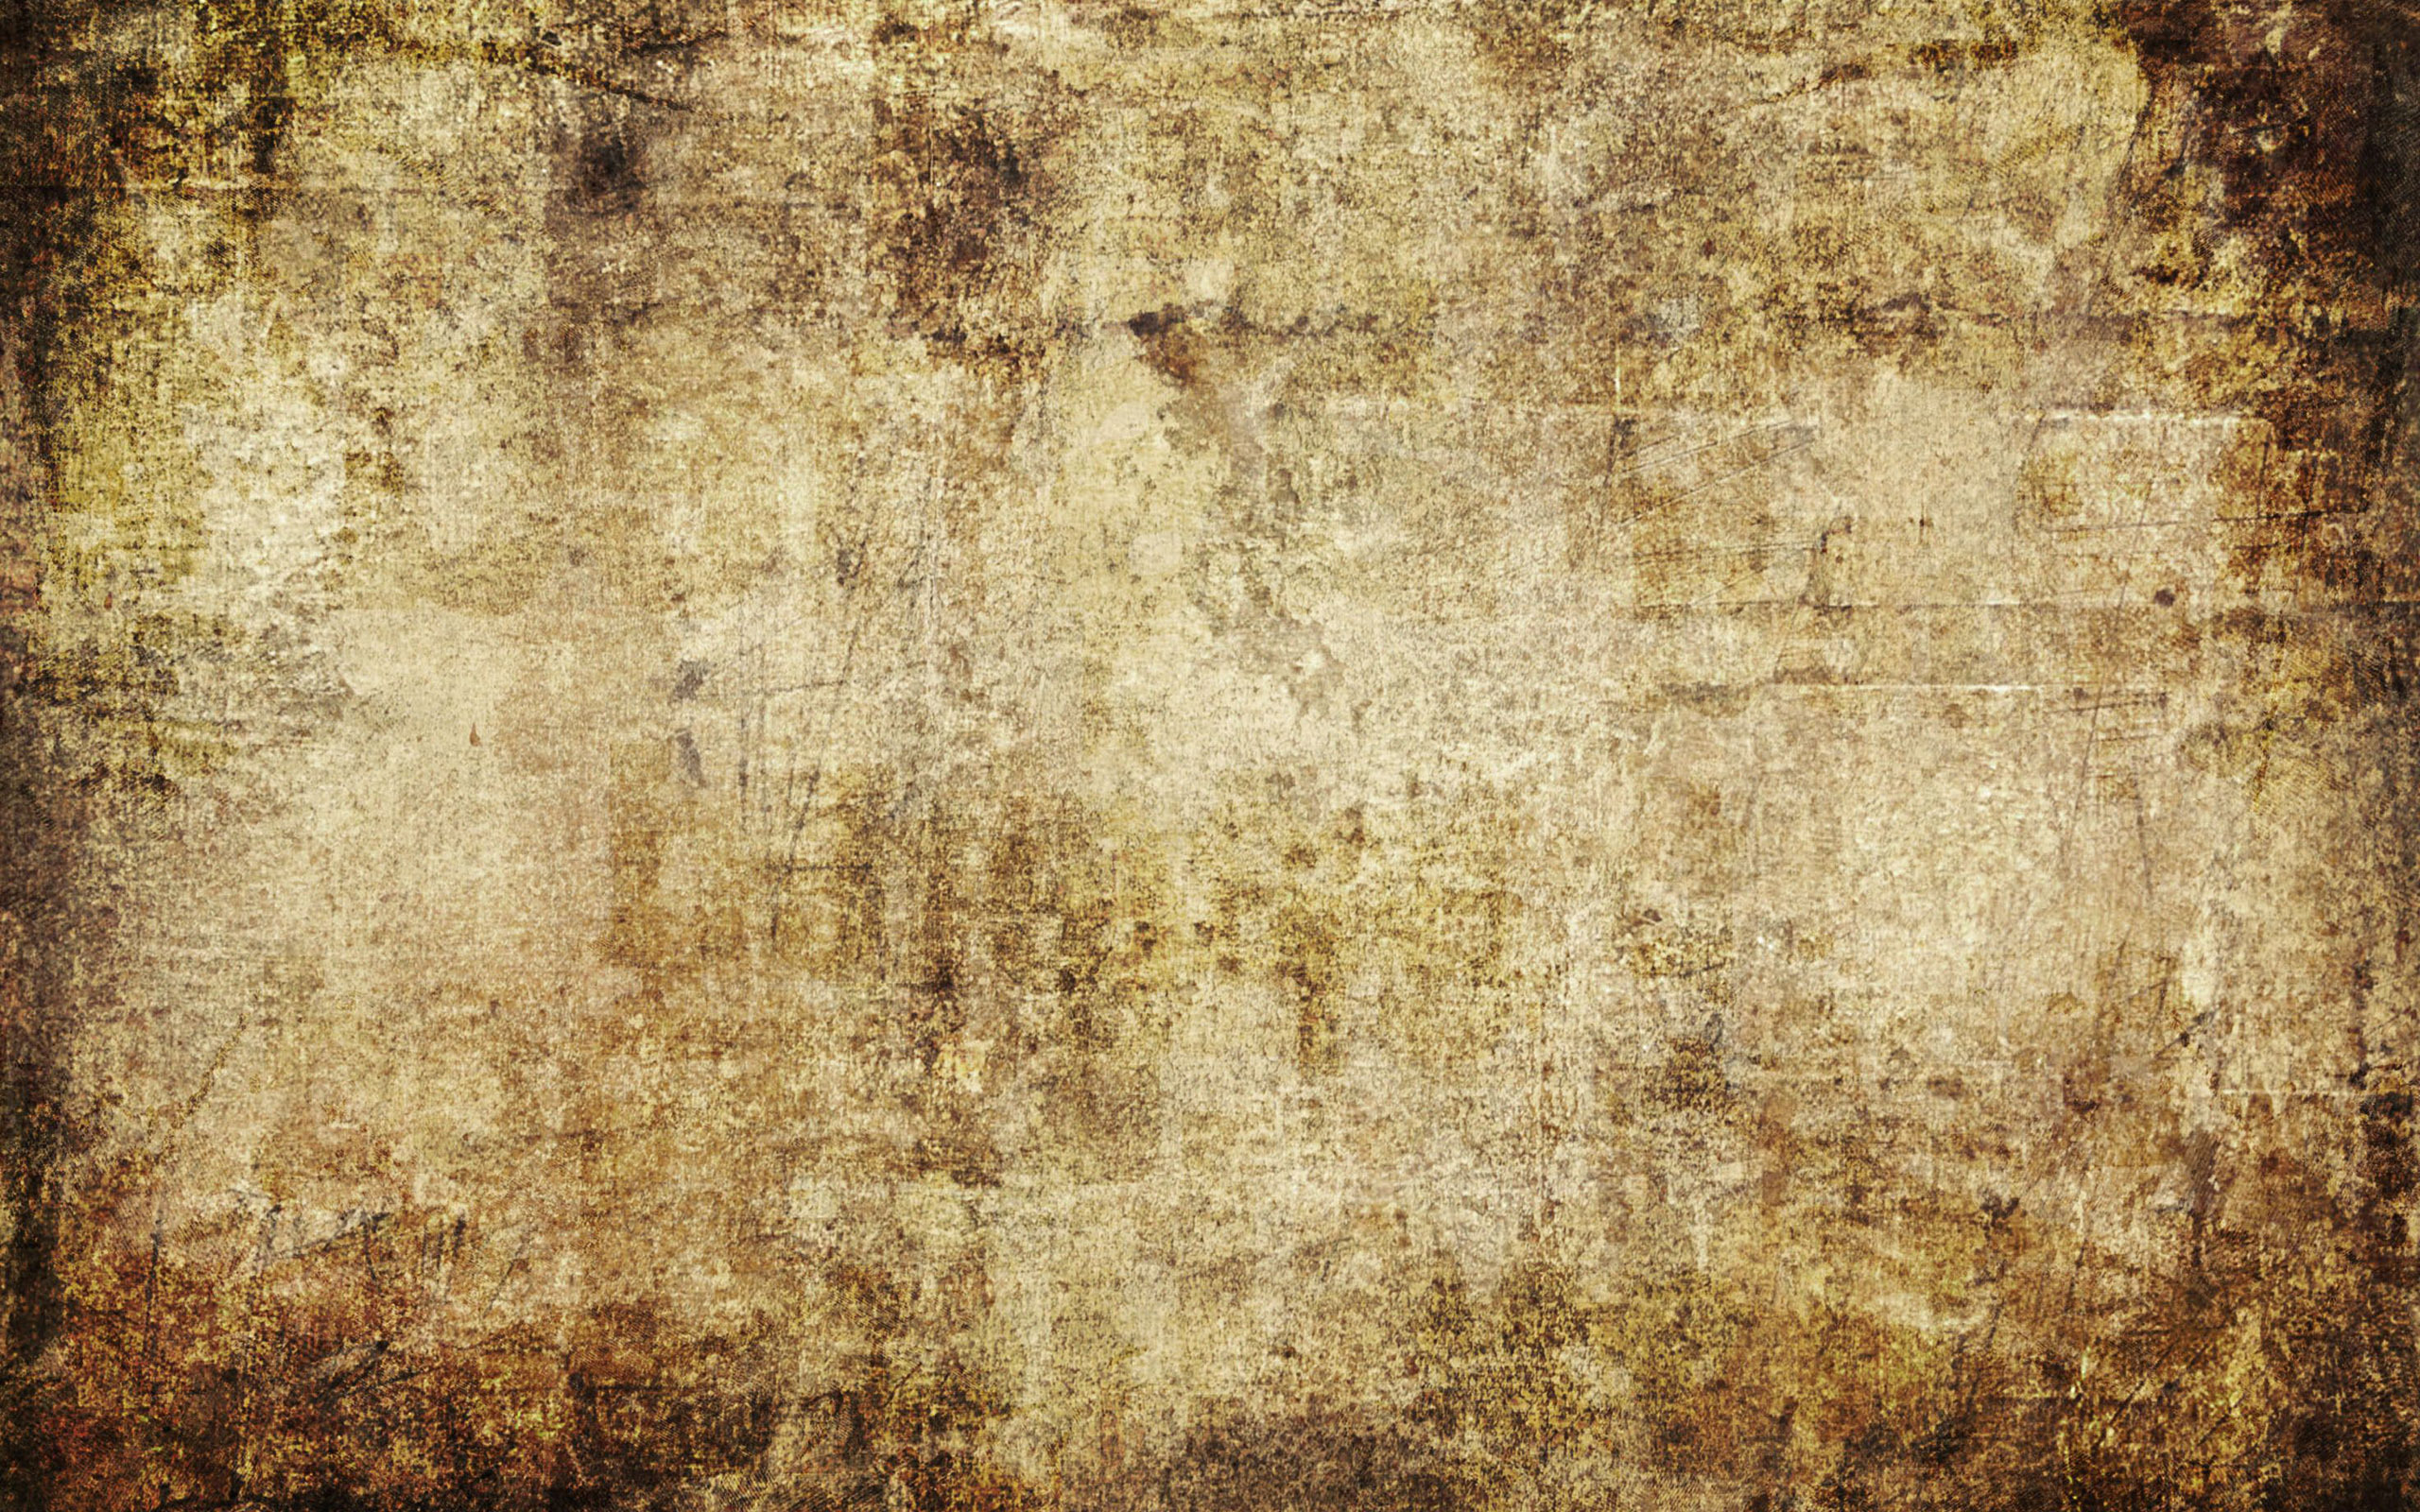 Grunge texture wallpaper 16862 2560x1600